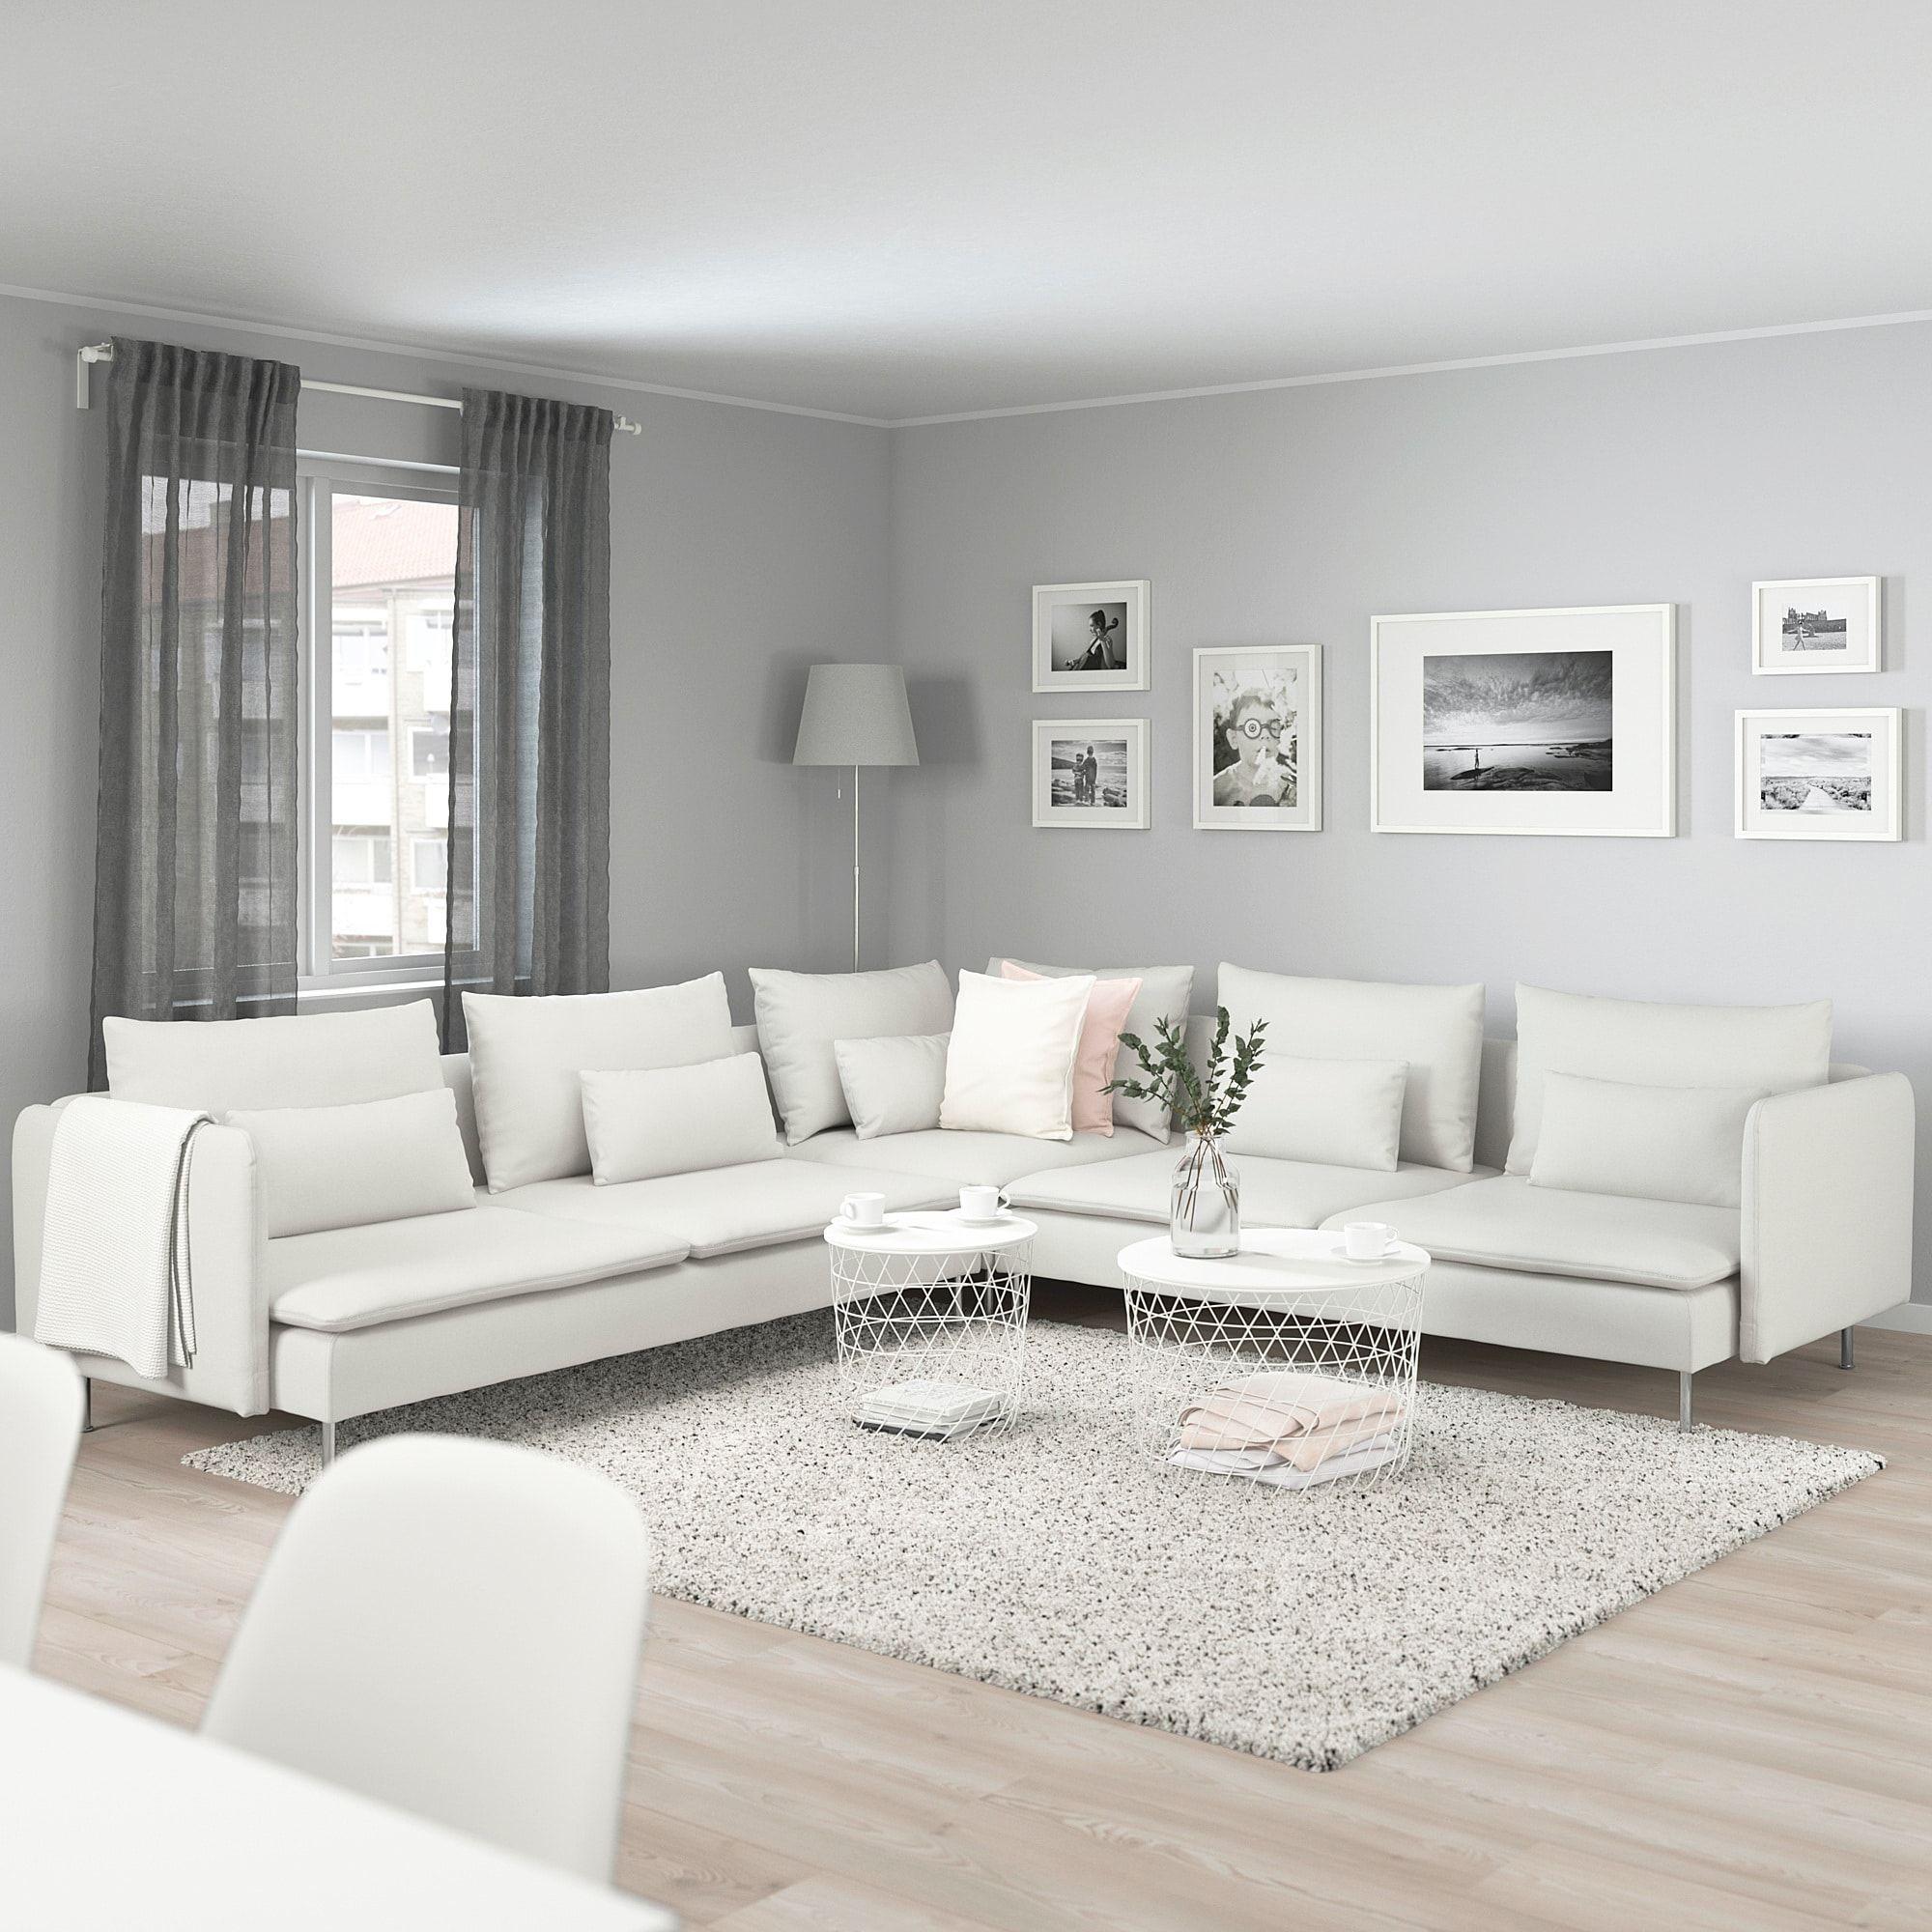 Soderhamn Sectional 5 Seat Finnsta White Ikea Idee Arredamento Soggiorno Salotti Accoglienti Arredamento Soggiorno